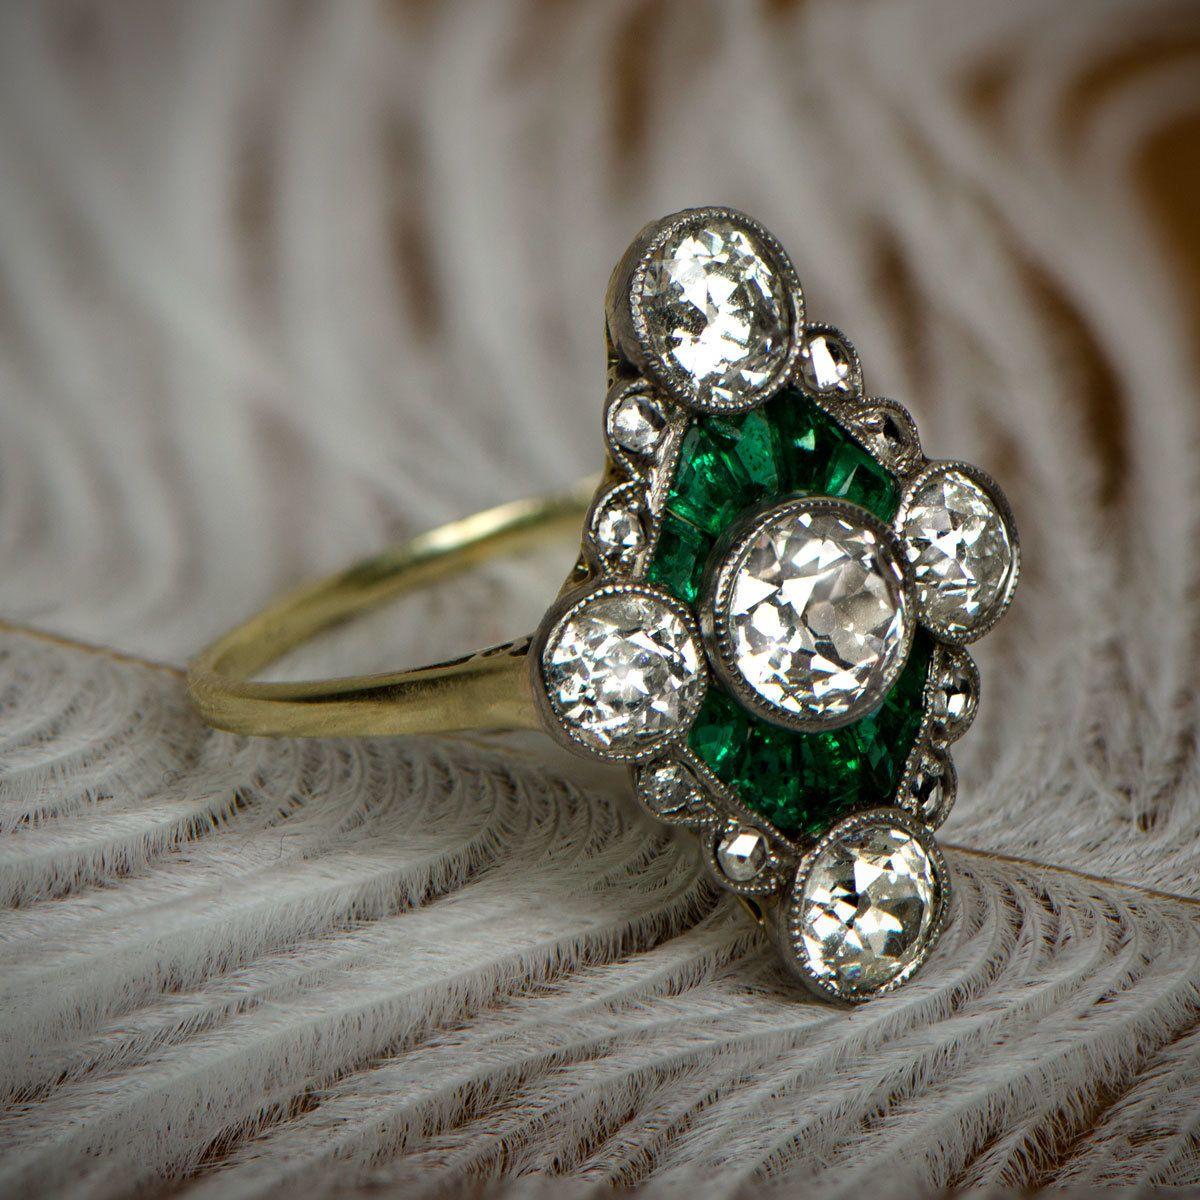 Edwardian Era Ring. Circa 1905 Art deco wedding rings